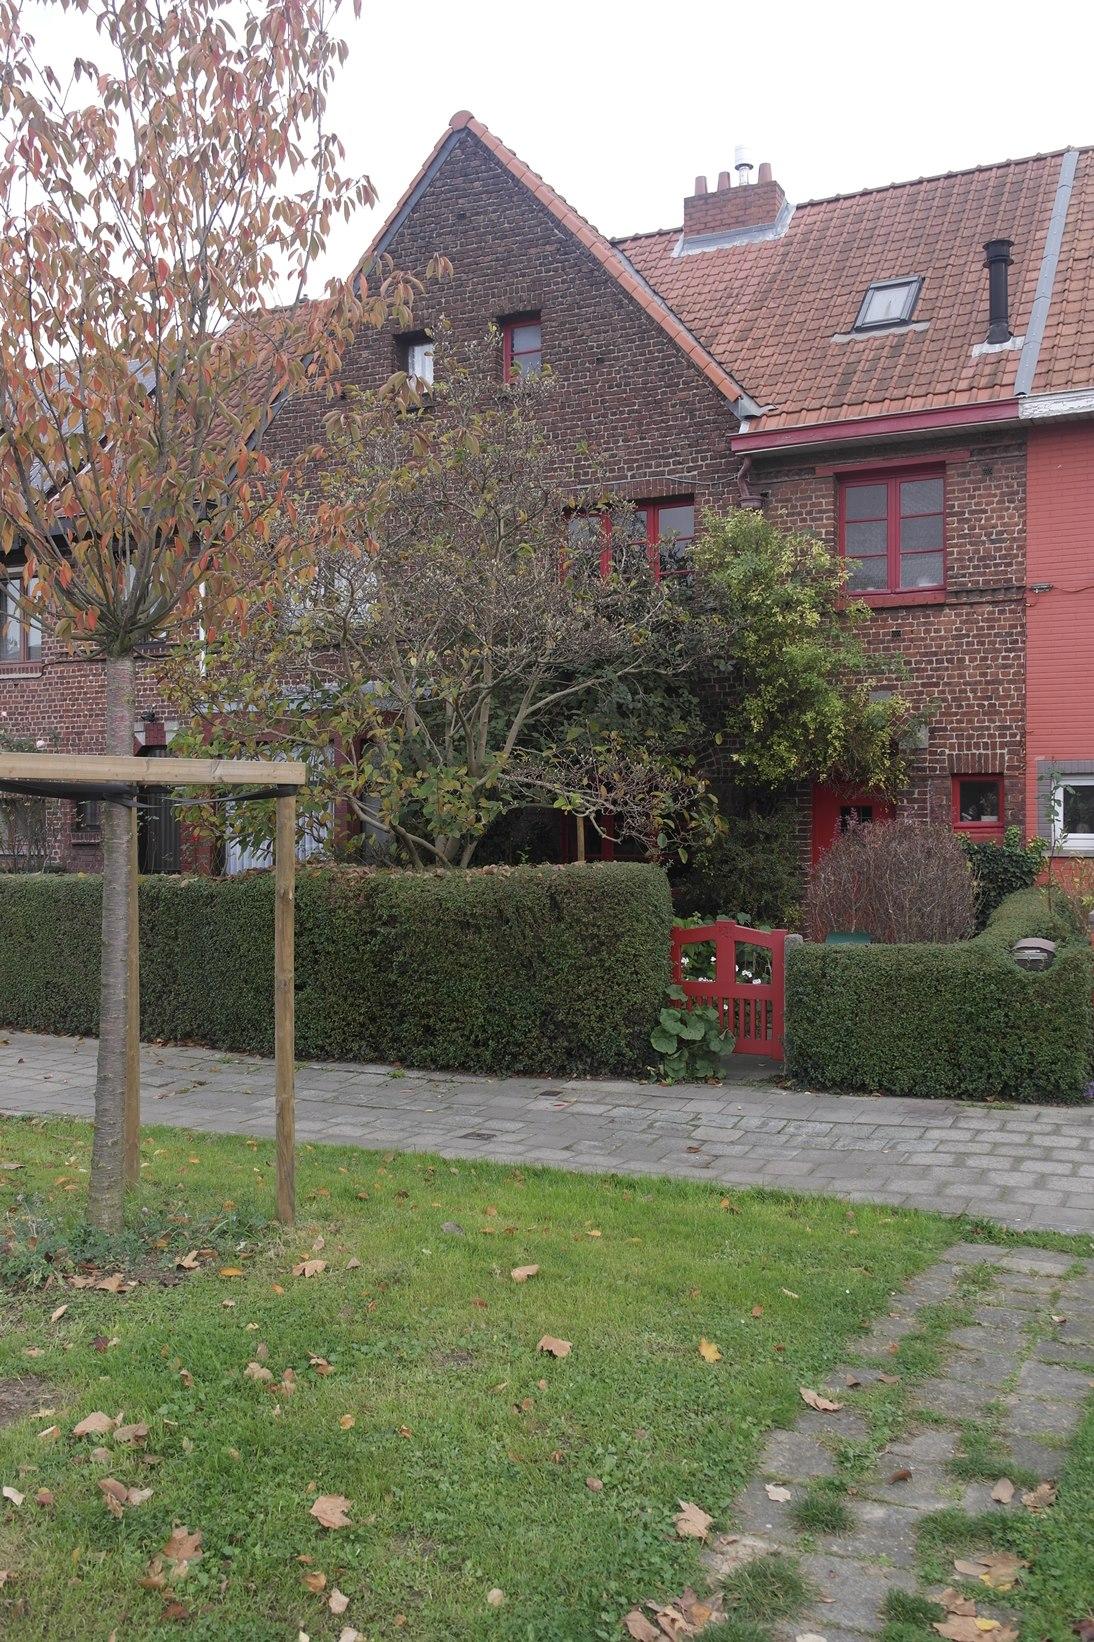 Cité jardin Heideken. Square du Centenaire 23, 24, 2014